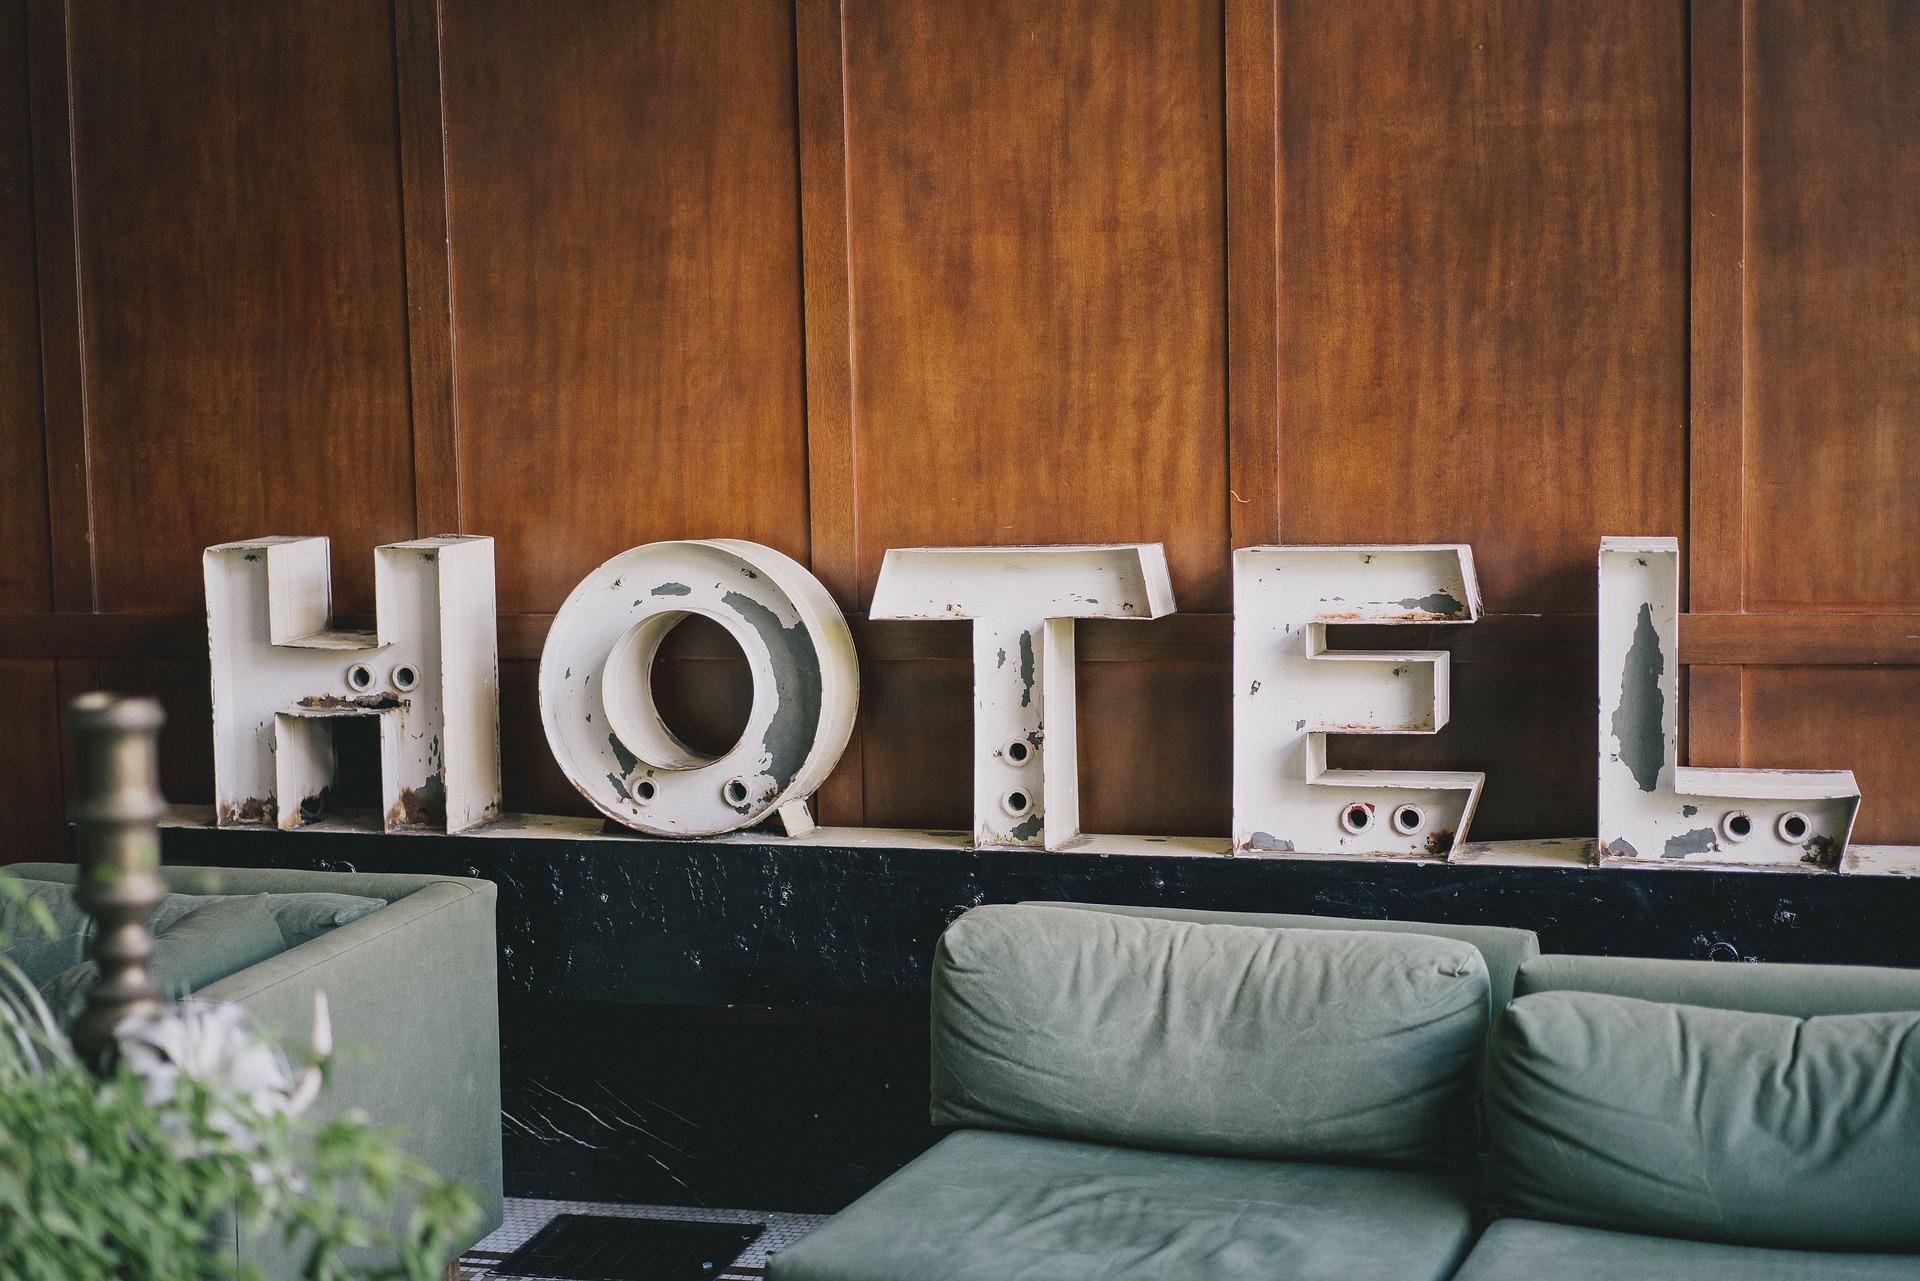 3* Hotel in Alicante